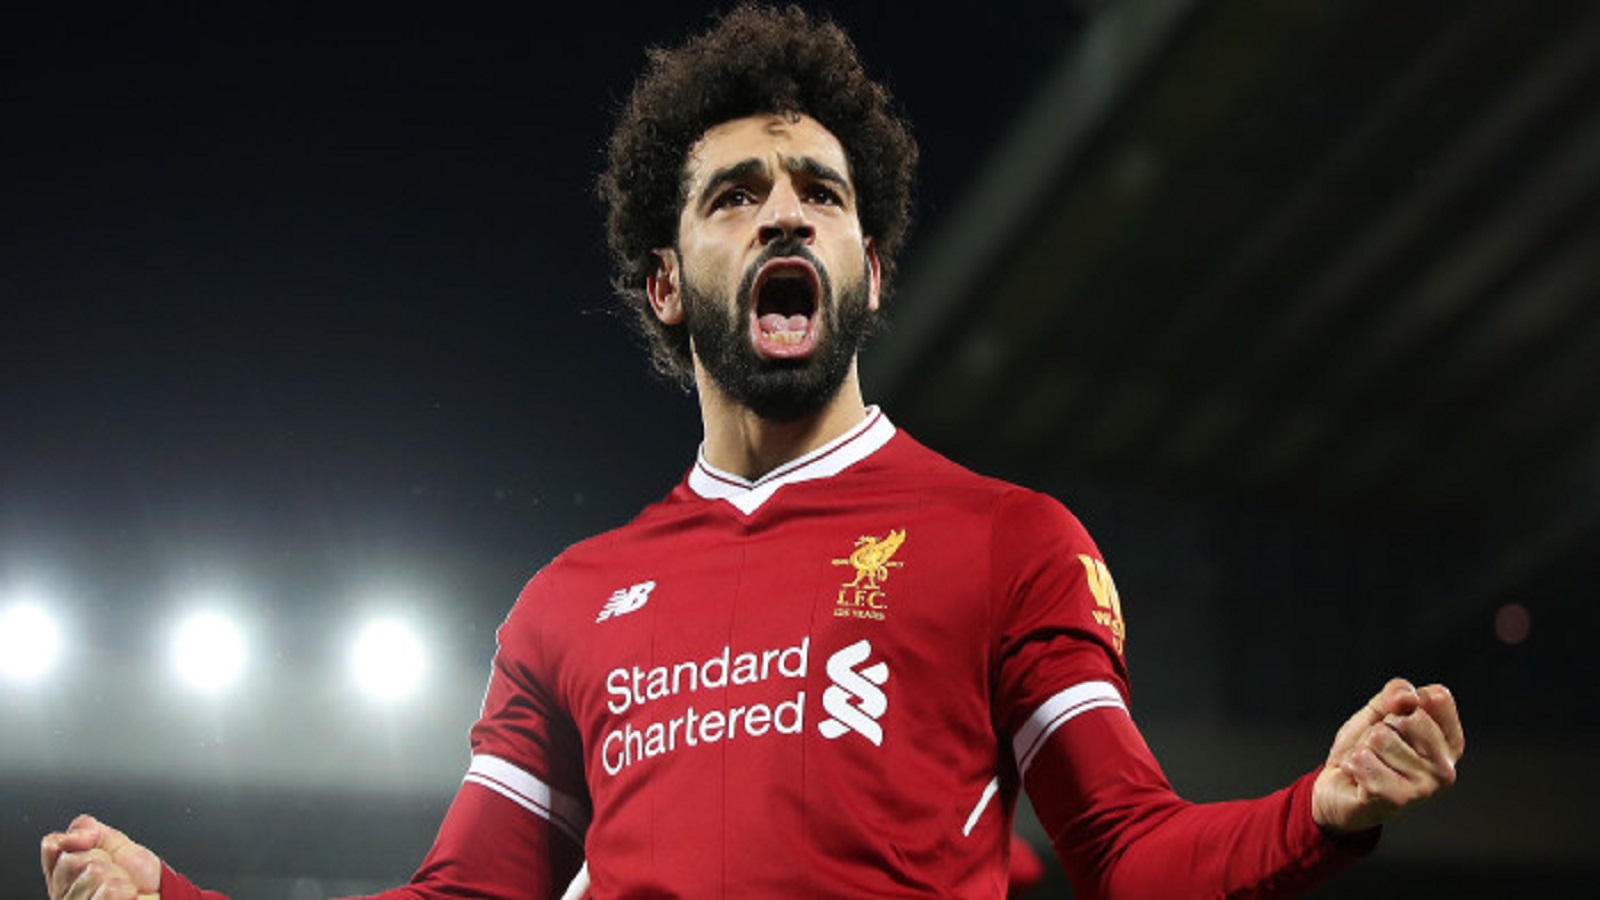 VIDEO: ¿Cuanto cuesta Salah? Real Madrid y PSG ya preguntan el precio